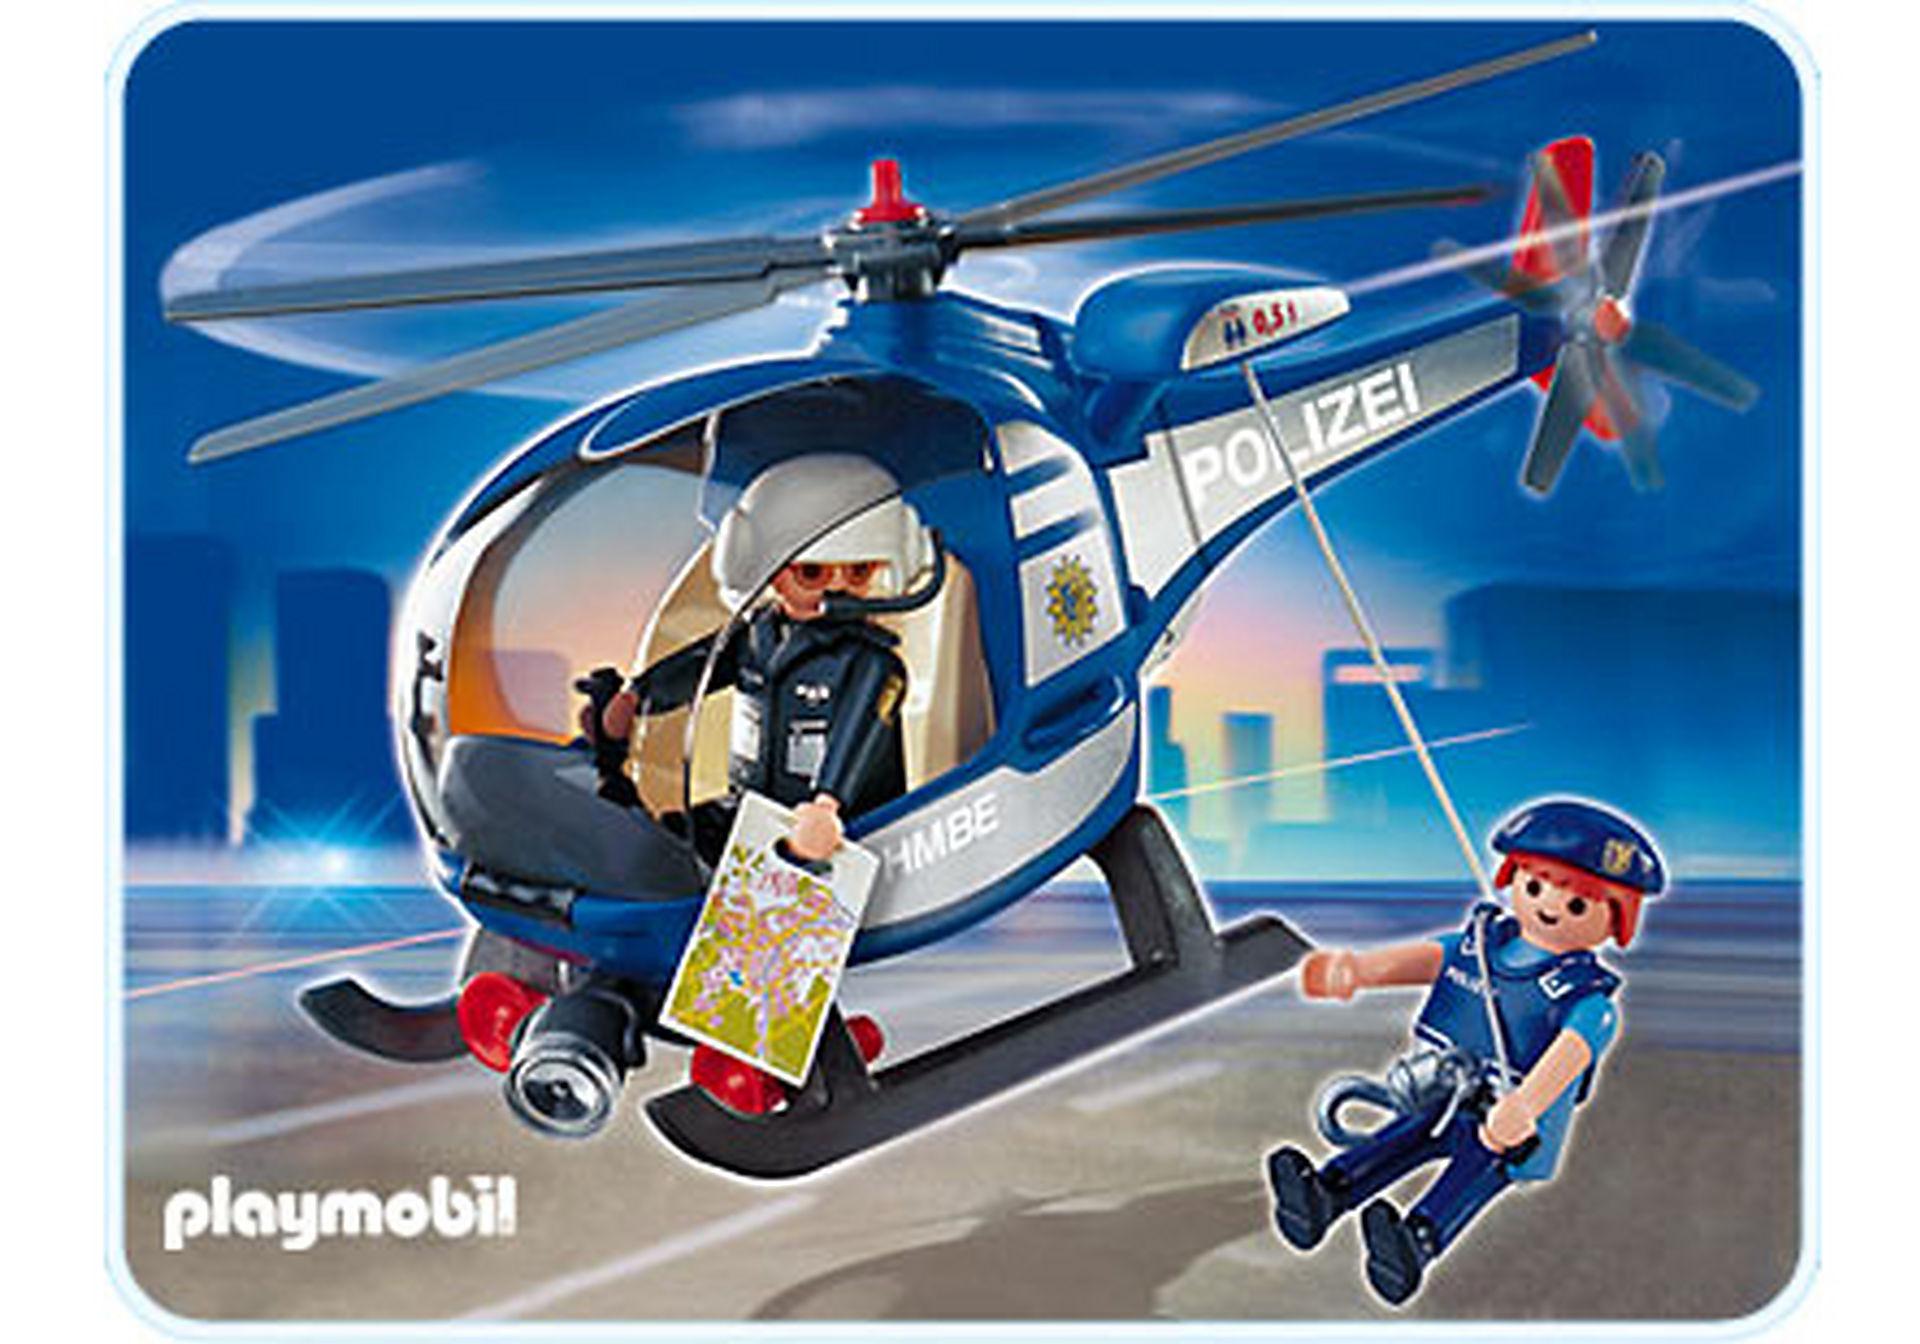 4266-A Polizeihubschrauber zoom image1